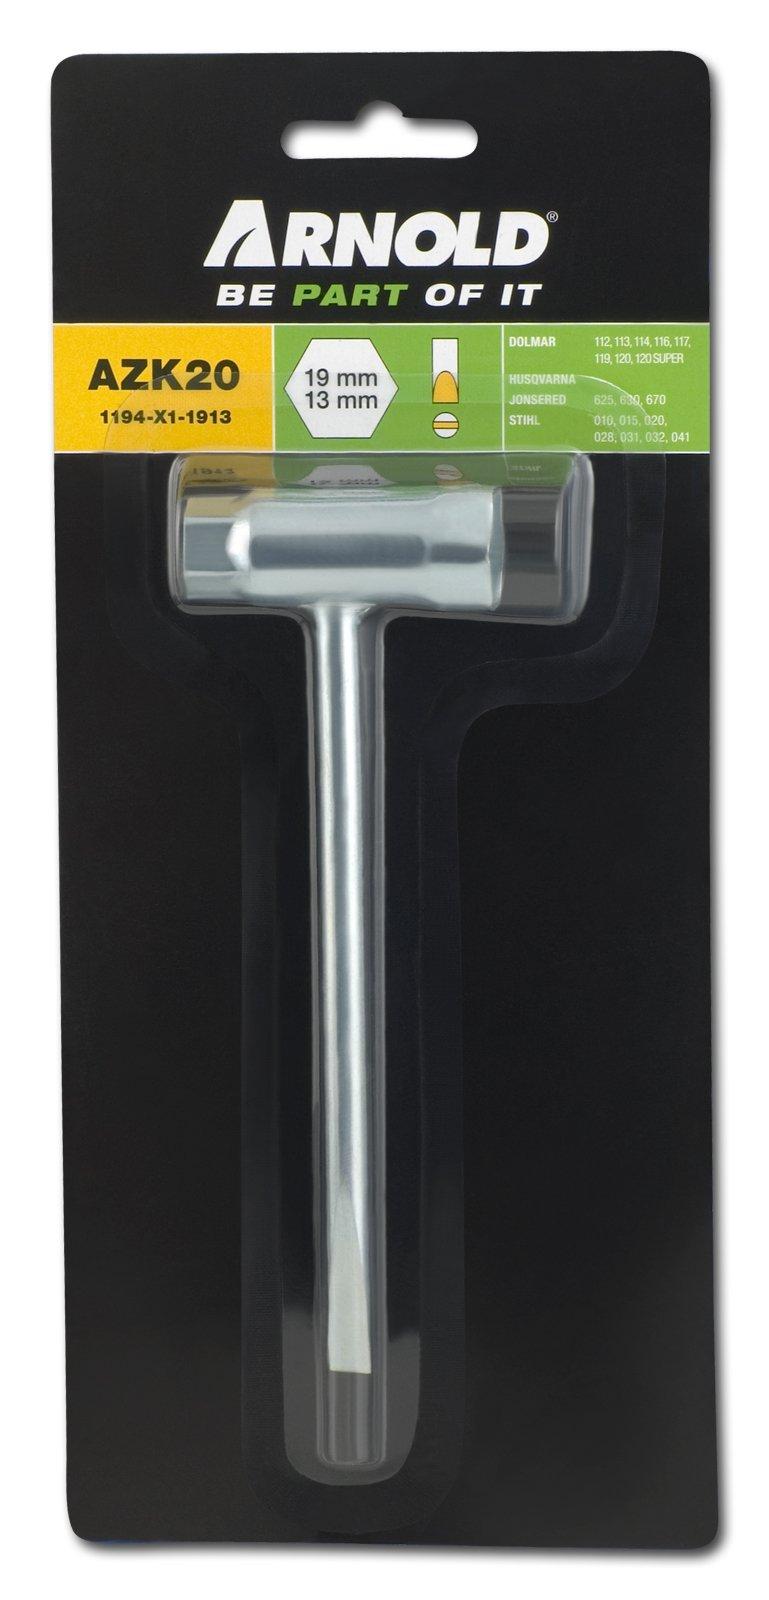 Arnold Products Werkzeuge Amazon De